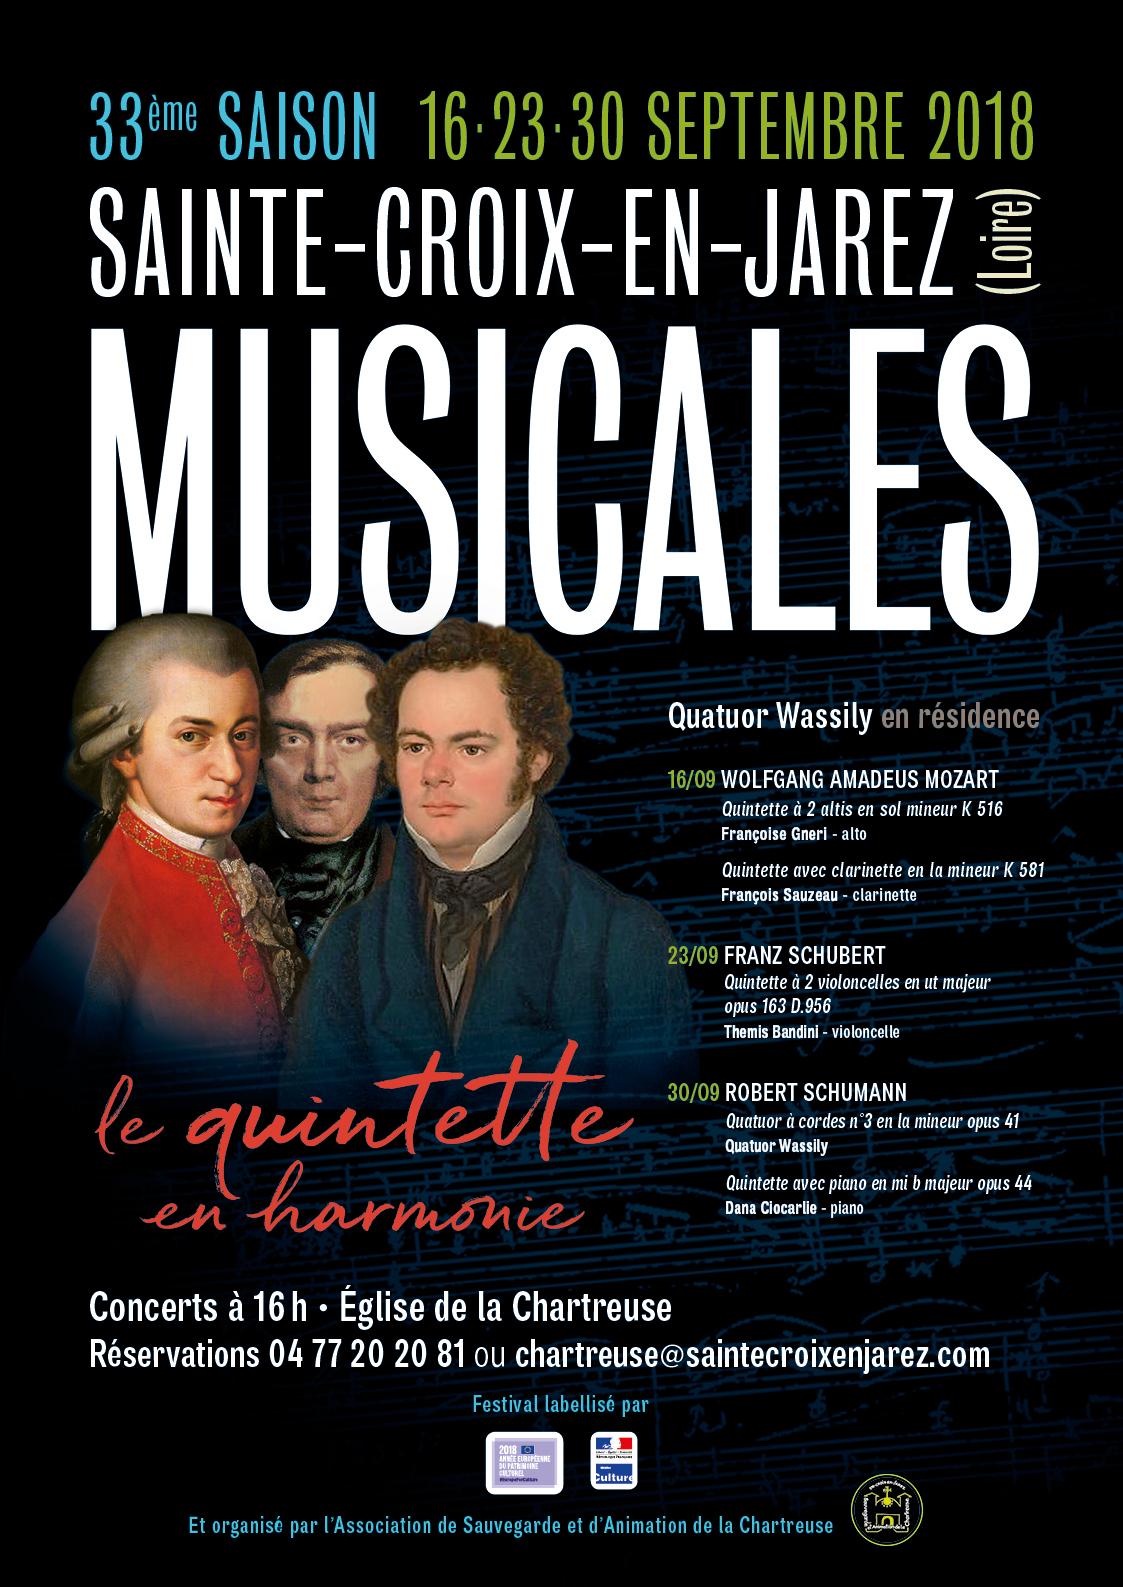 MUSICALES 2018 à SAINTE CROIX EN JAREZ